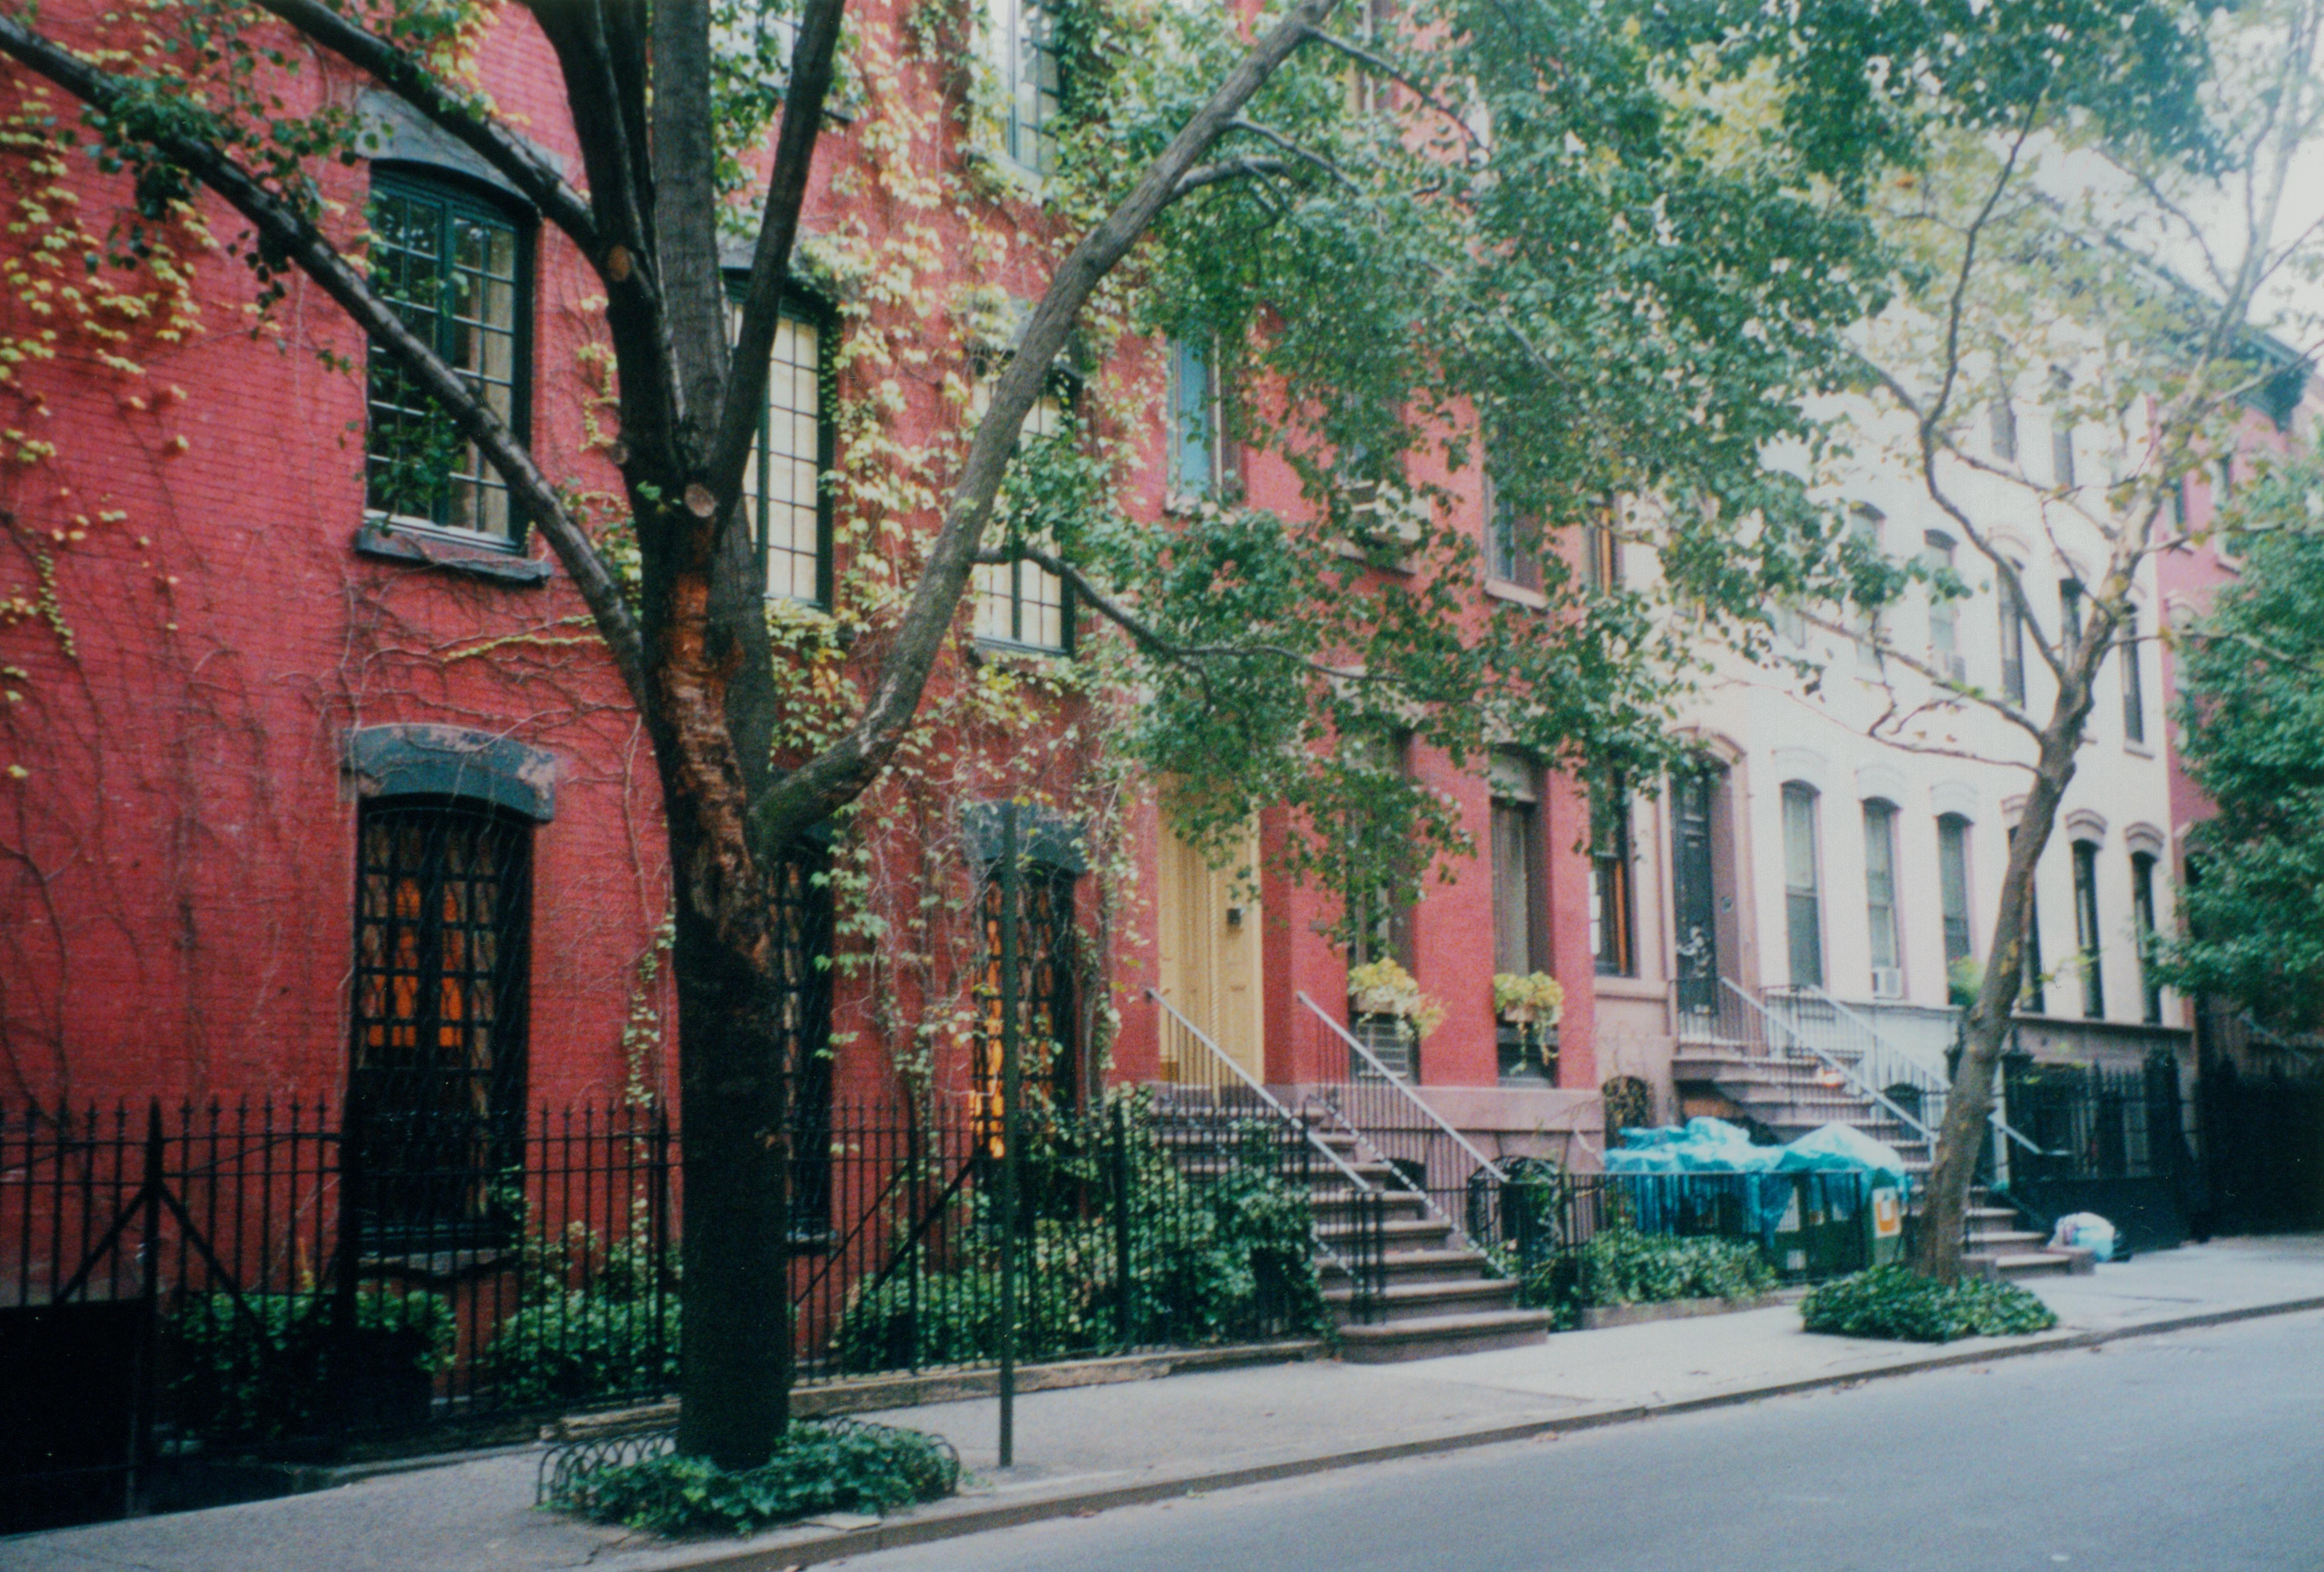 Árboles en Nueva York. Imagen: bekkli. Fuente: MorgueFile.